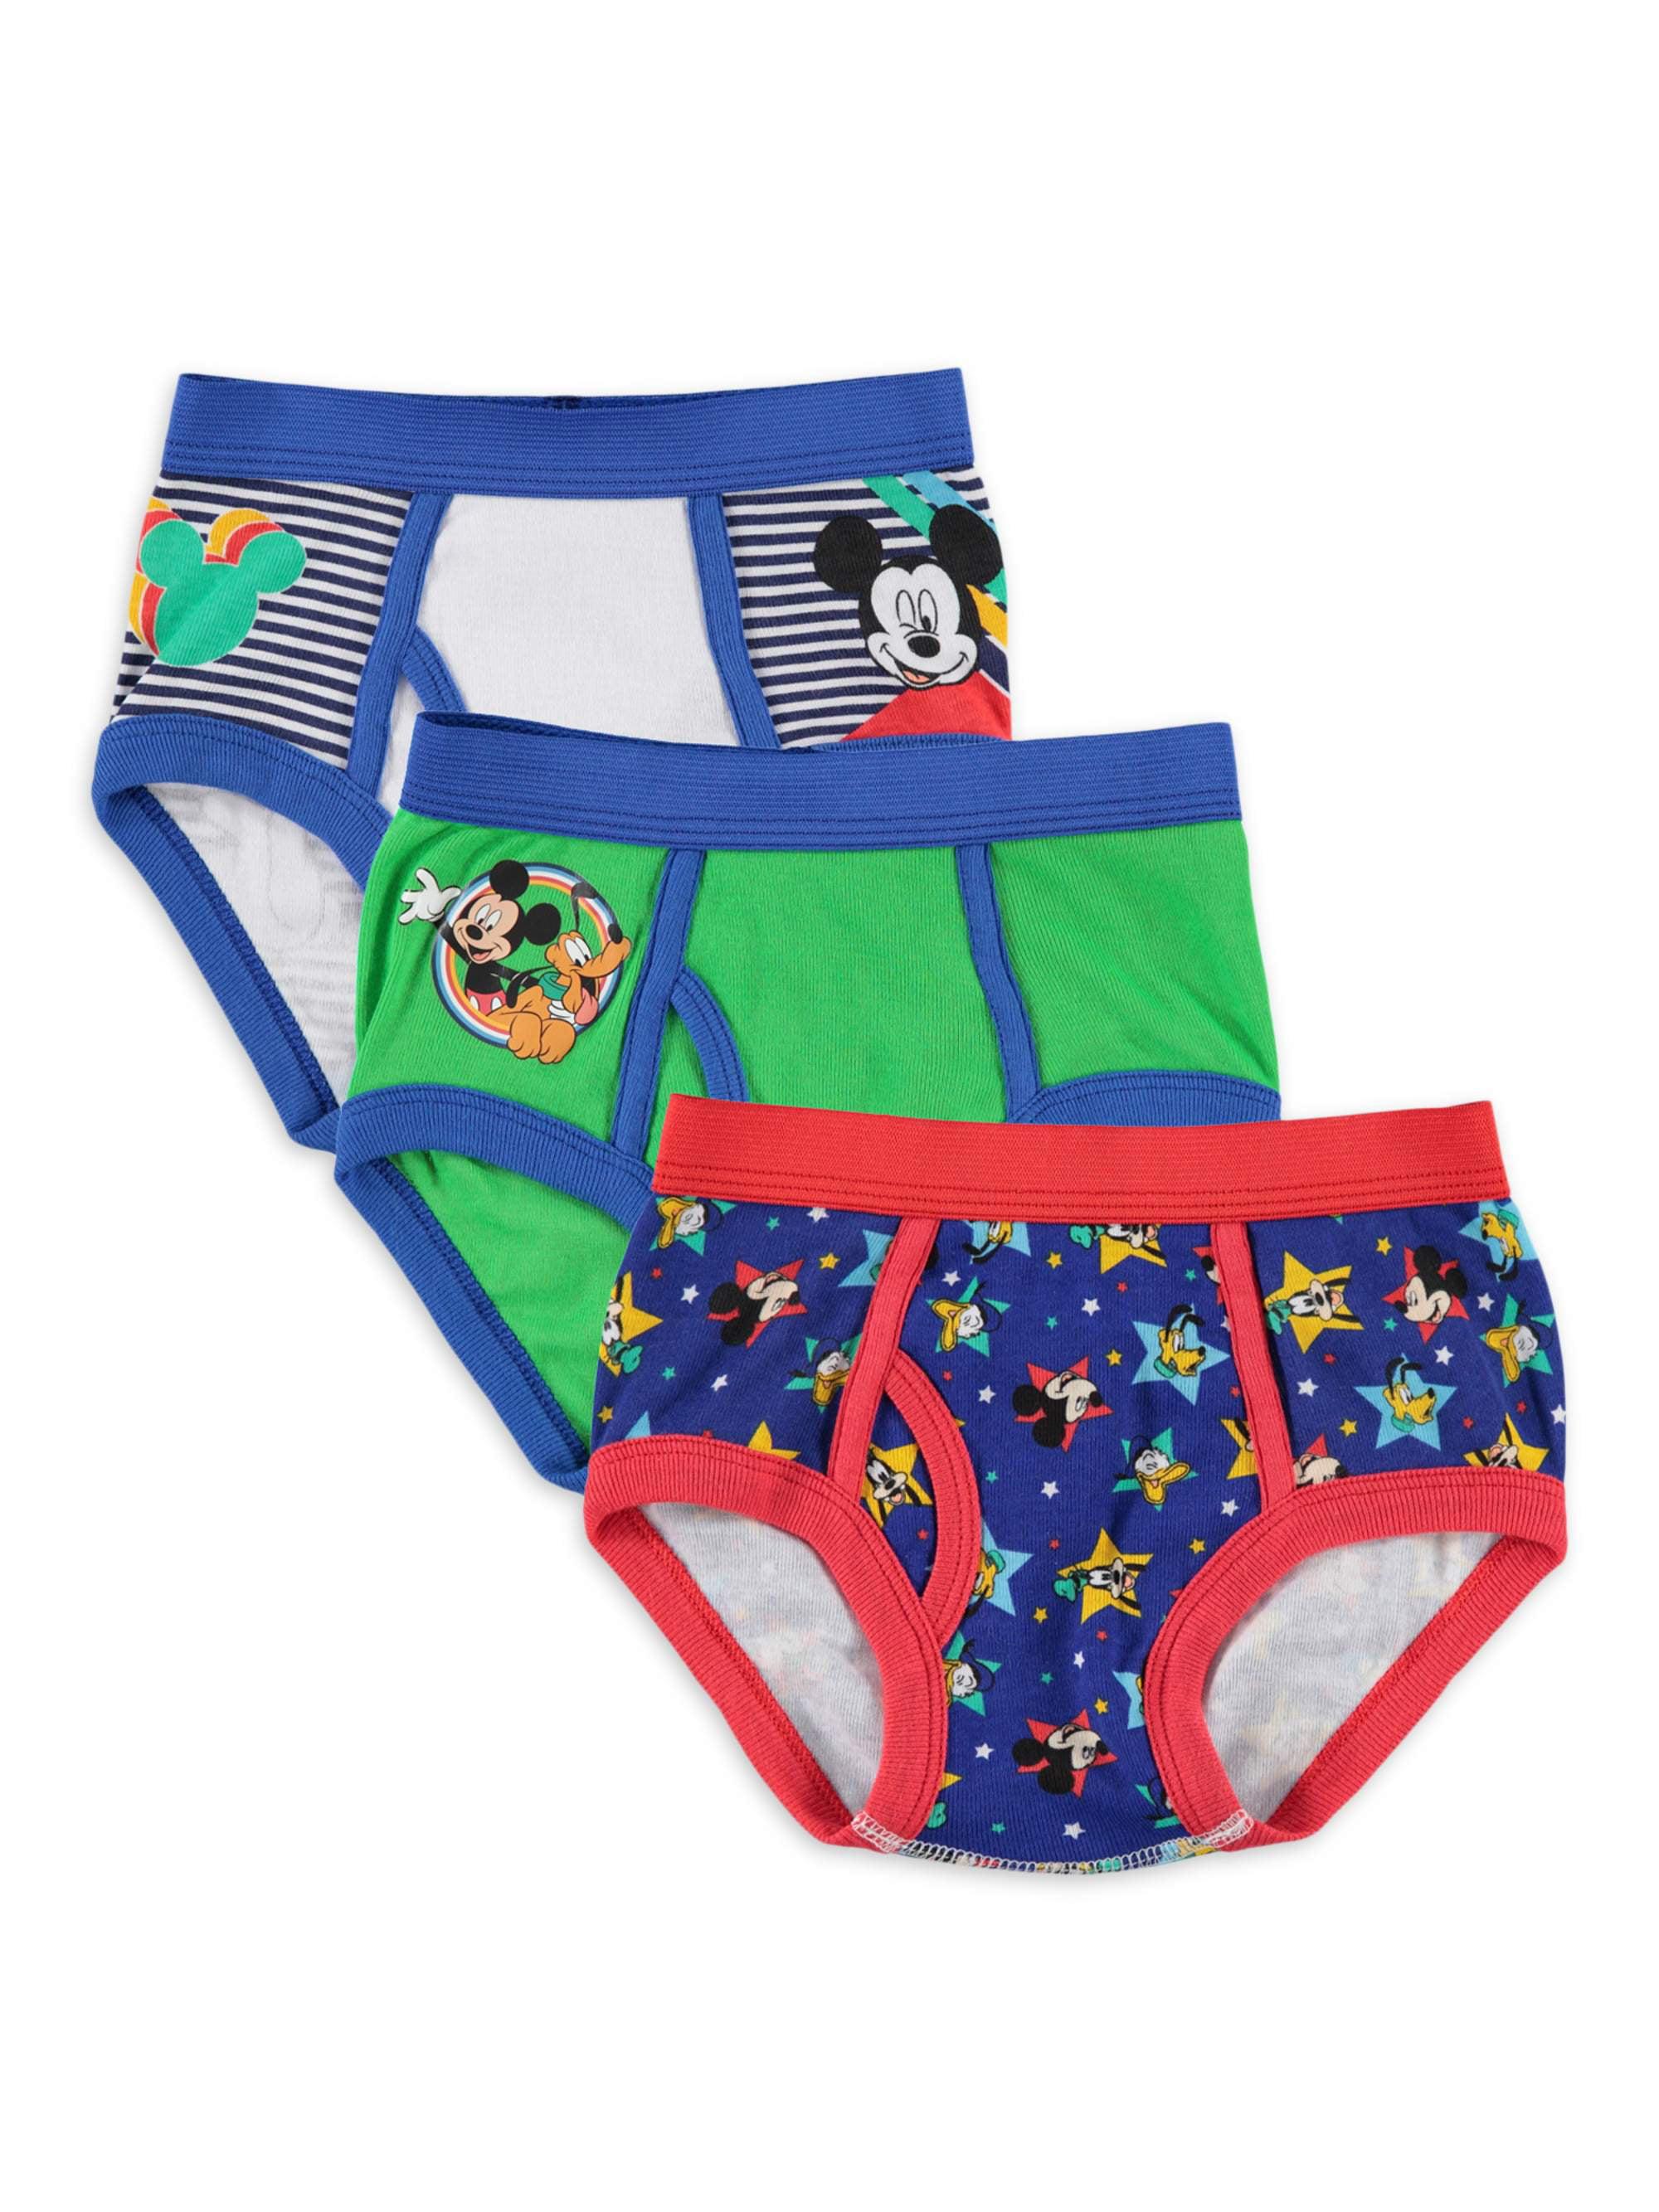 Qoo10 - Men sexy underwear/Men Sexy Underwear Bikini Brief